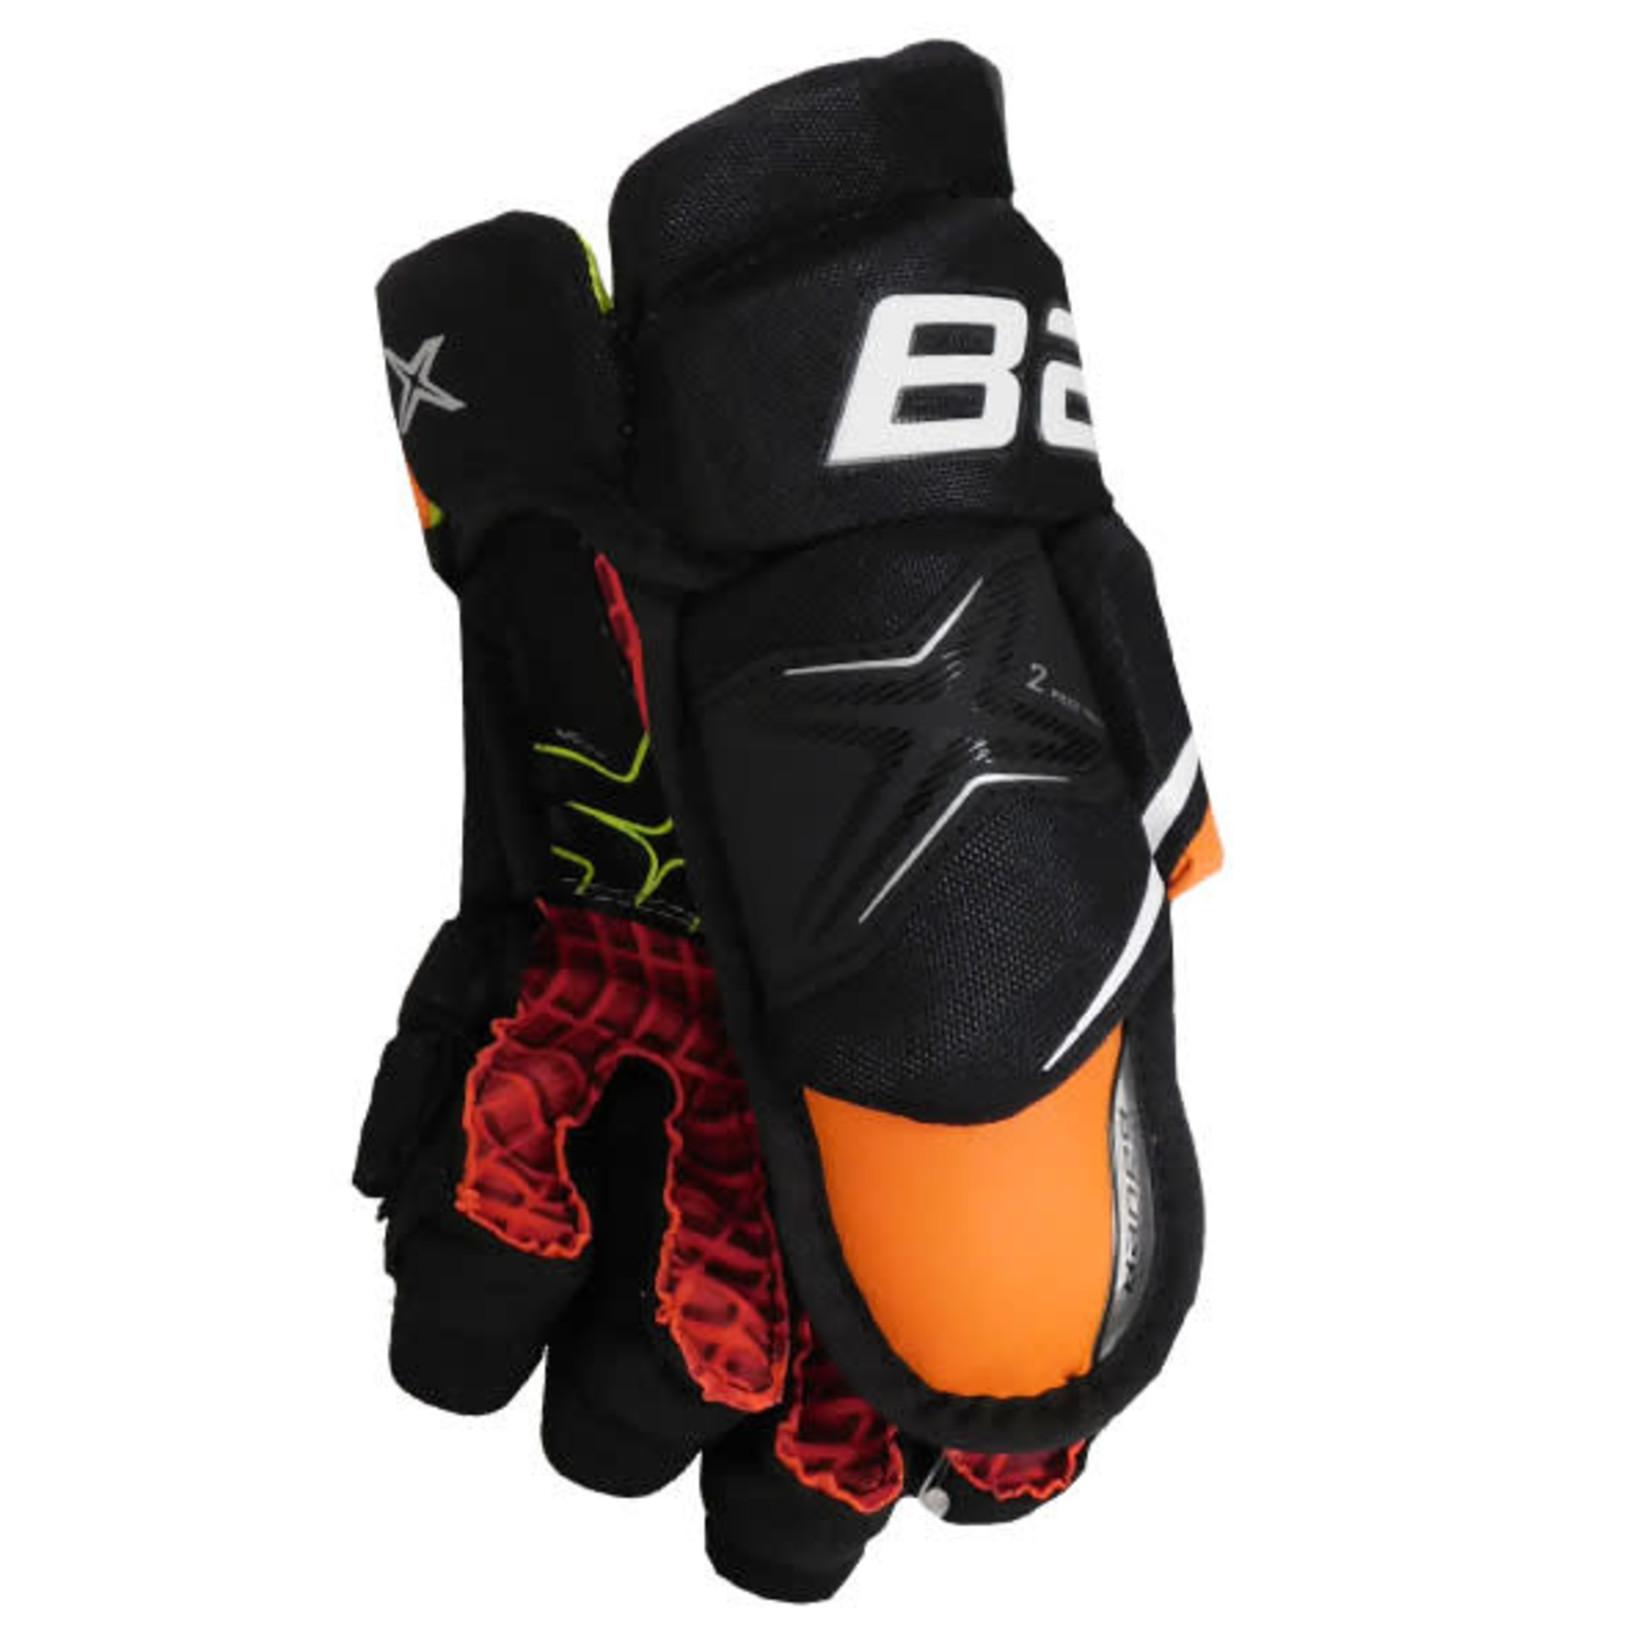 Bauer Bauer Hockey Gloves, Vapor X2.9, Senior